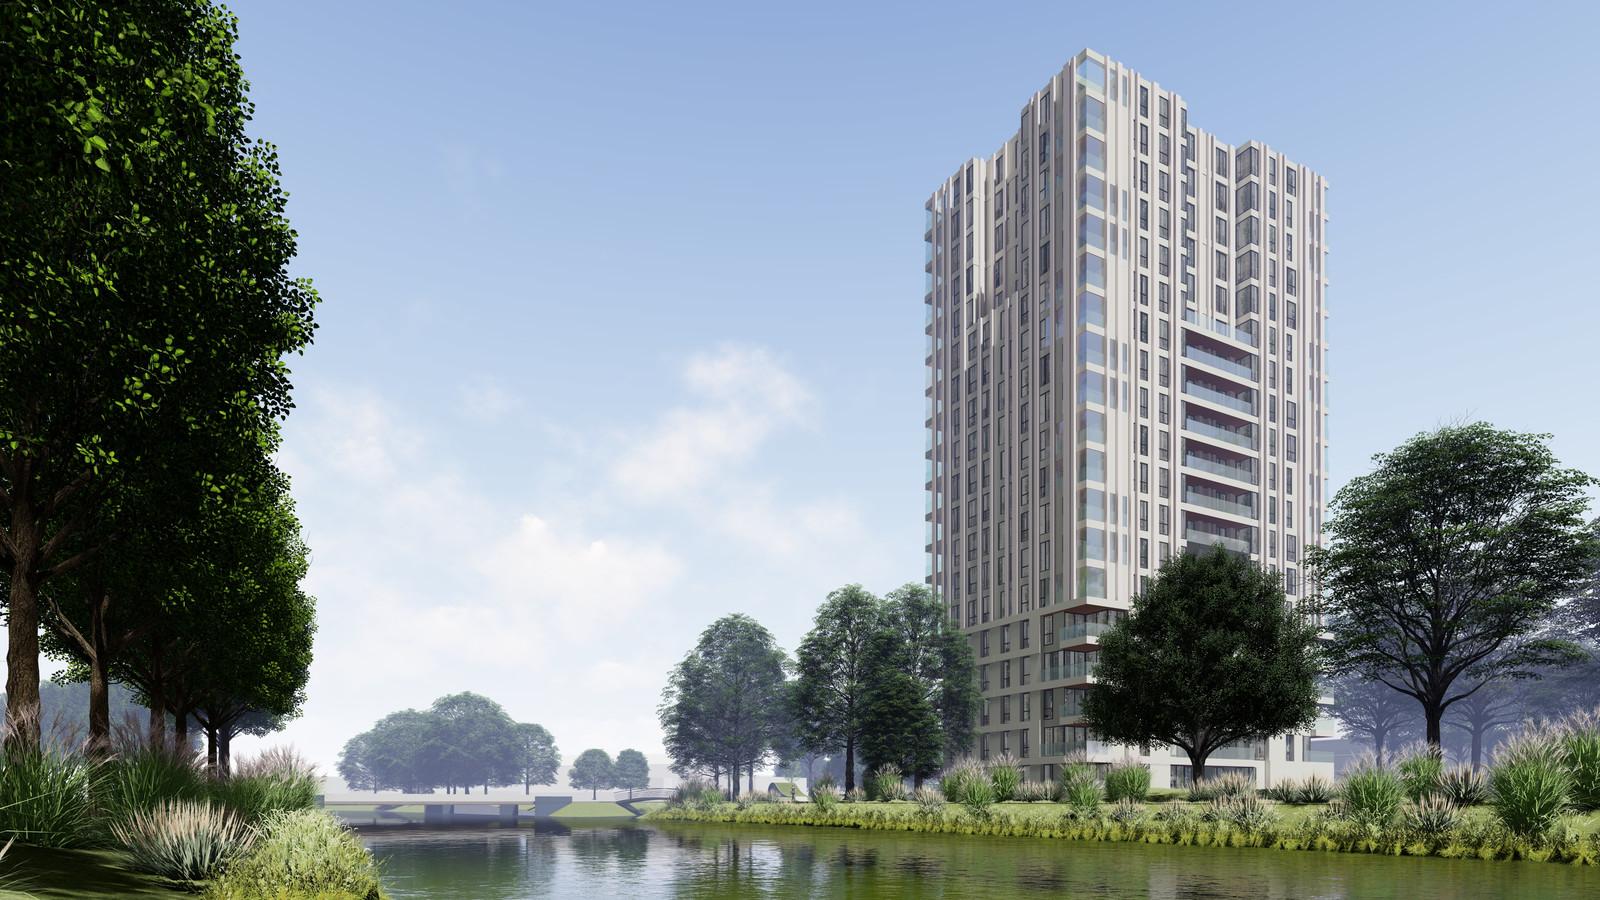 Artist's impression van de 60 meter hoge woontoren die op het terrein van het voormalig ROC-gebouw aan de Zangvogelweg moet verrijzen.